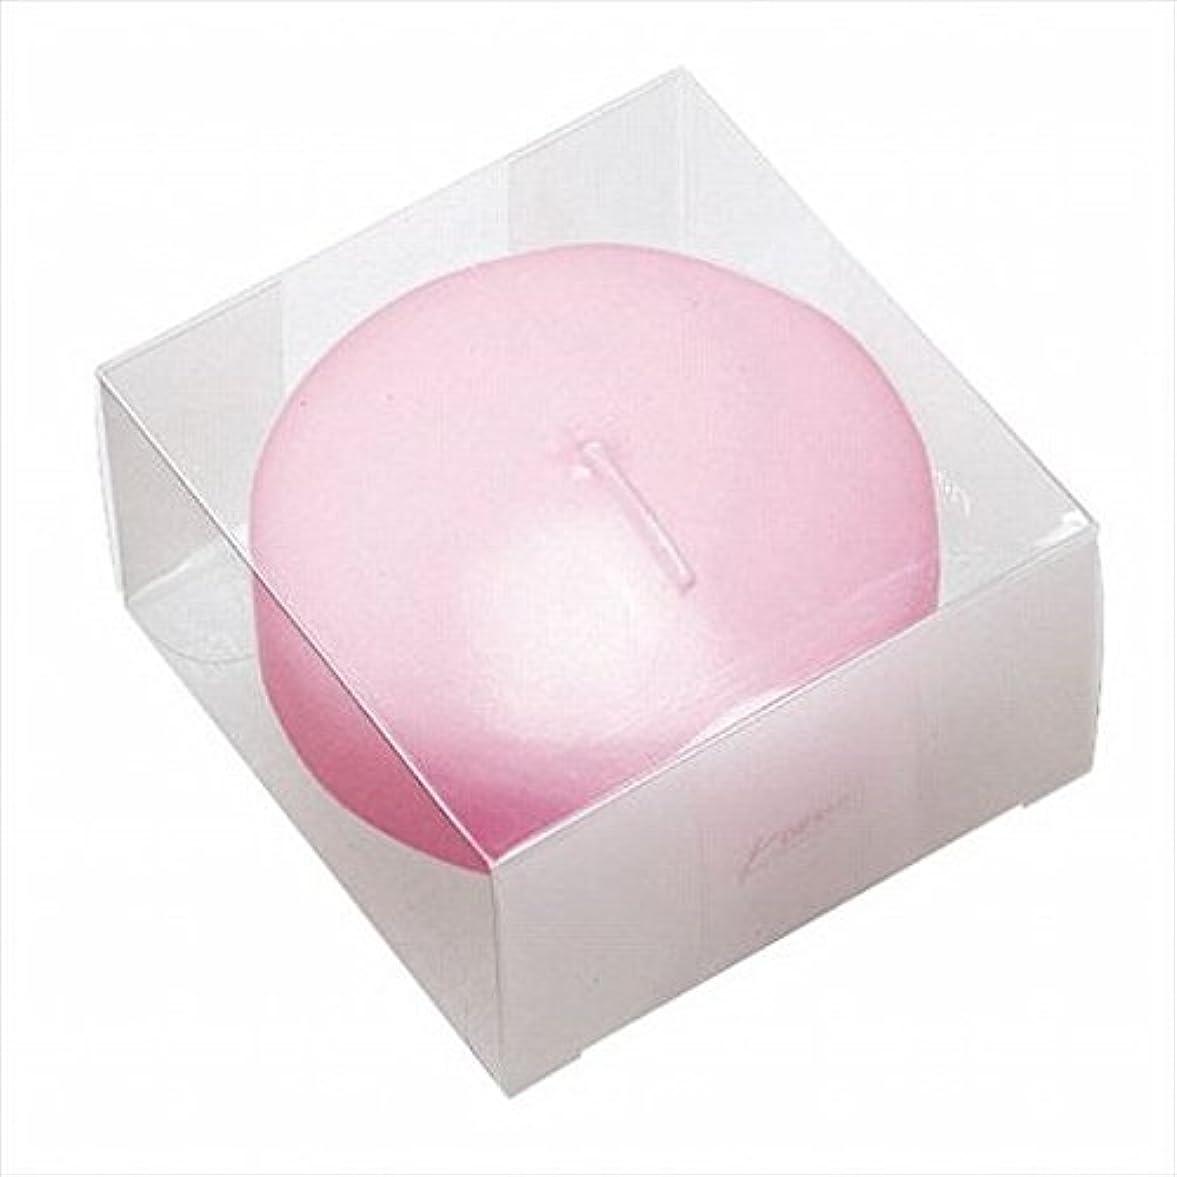 殺人者ロッジスリップkameyama candle(カメヤマキャンドル) プール80(箱入り) 「 ピンク 」 キャンドル 80x80x45mm (A7069060)